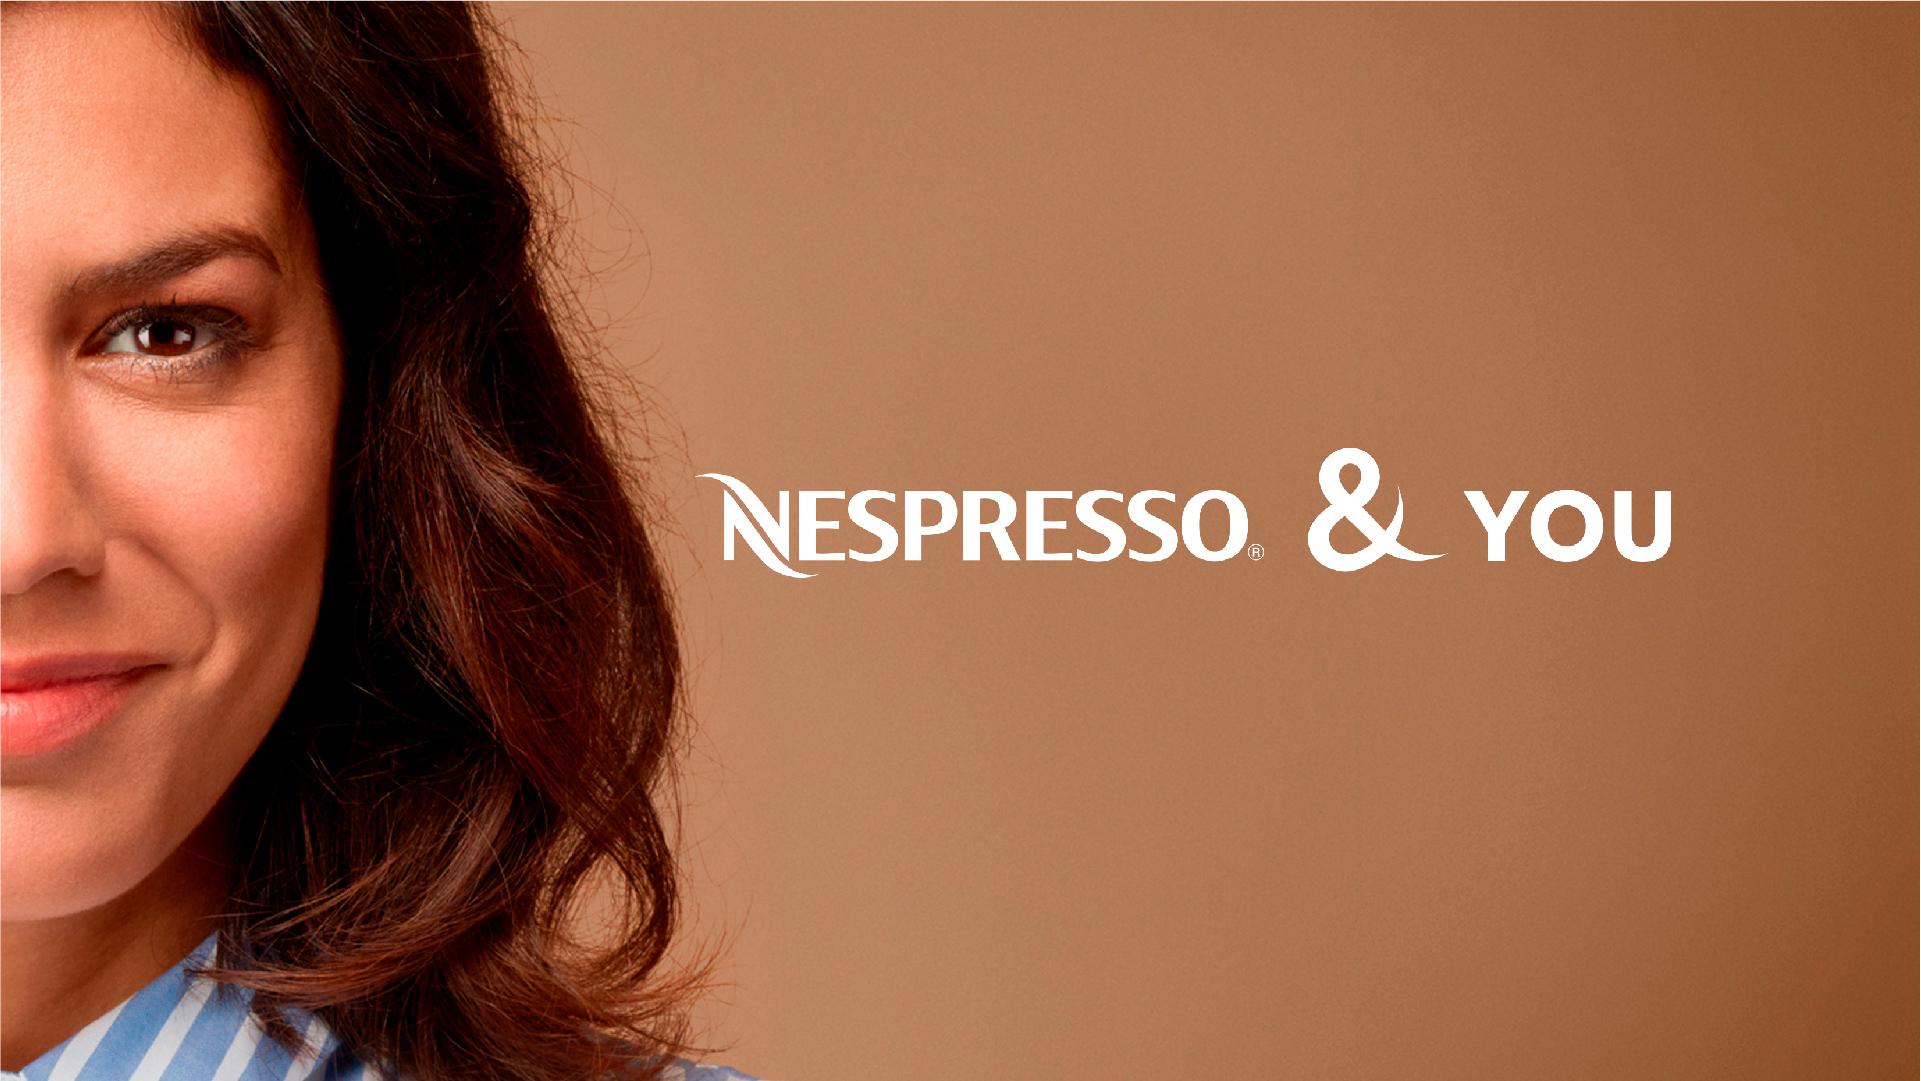 Nespresso & You